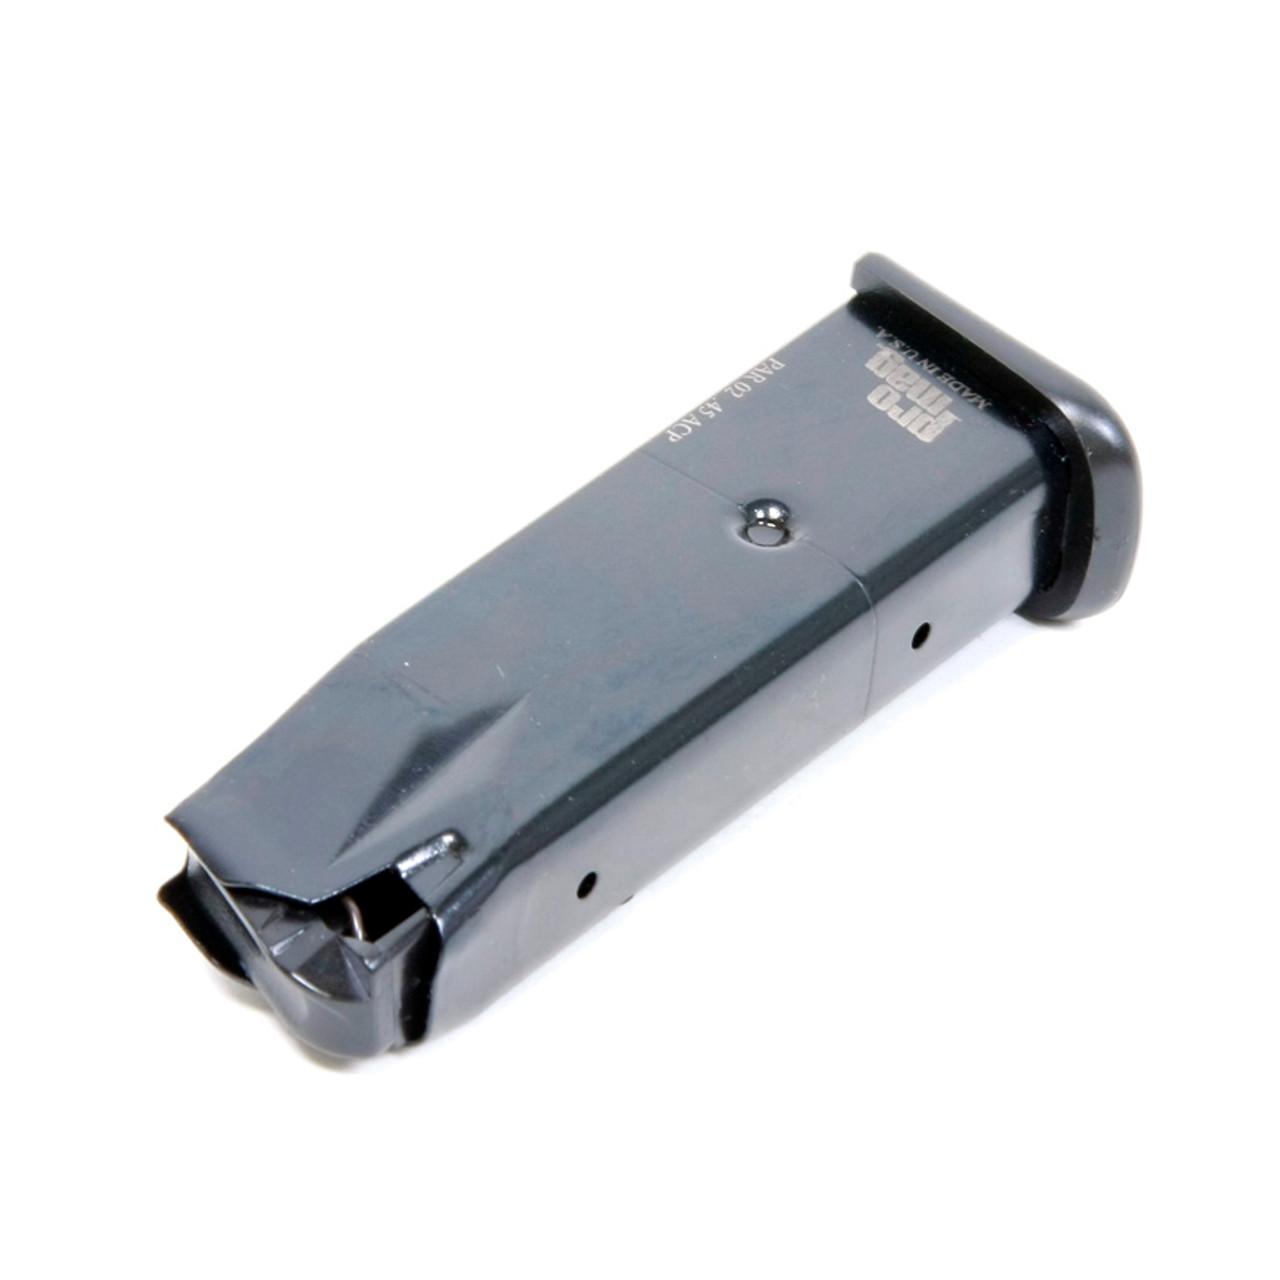 Para-Ordnance® P14 .45 ACP (10) Rd - Blue Steel